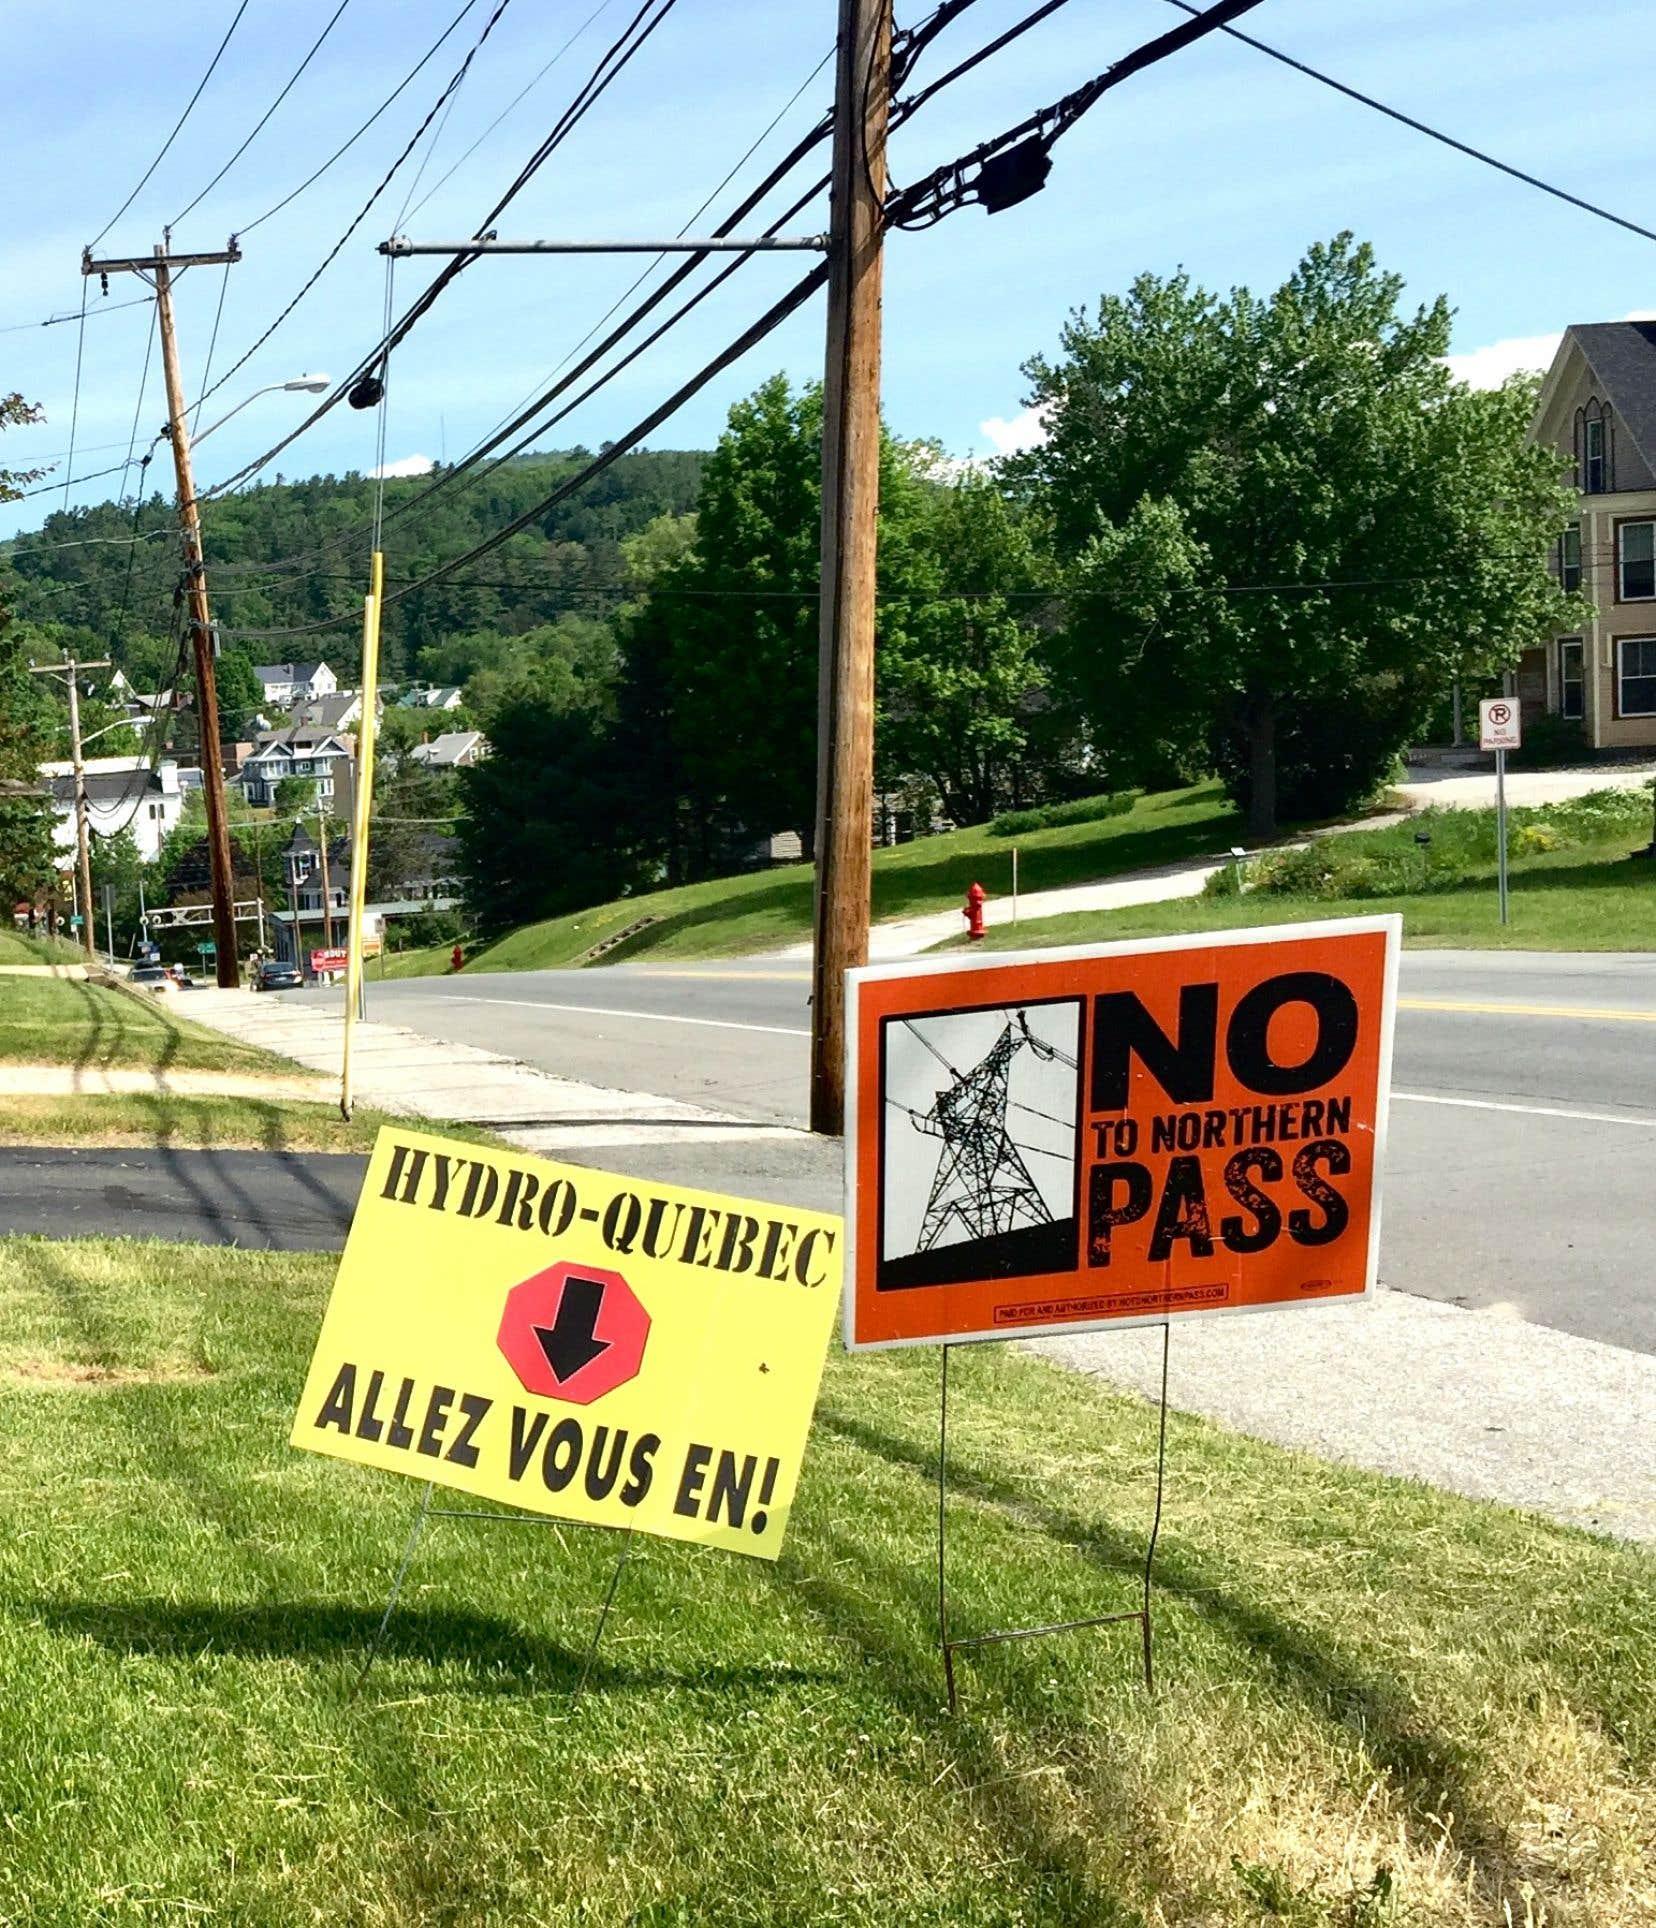 Un comité de l'État du New Hampshire chargé d'étudier le projet Northern Pass s'est prononcé jeudi contre la ligne de transport.